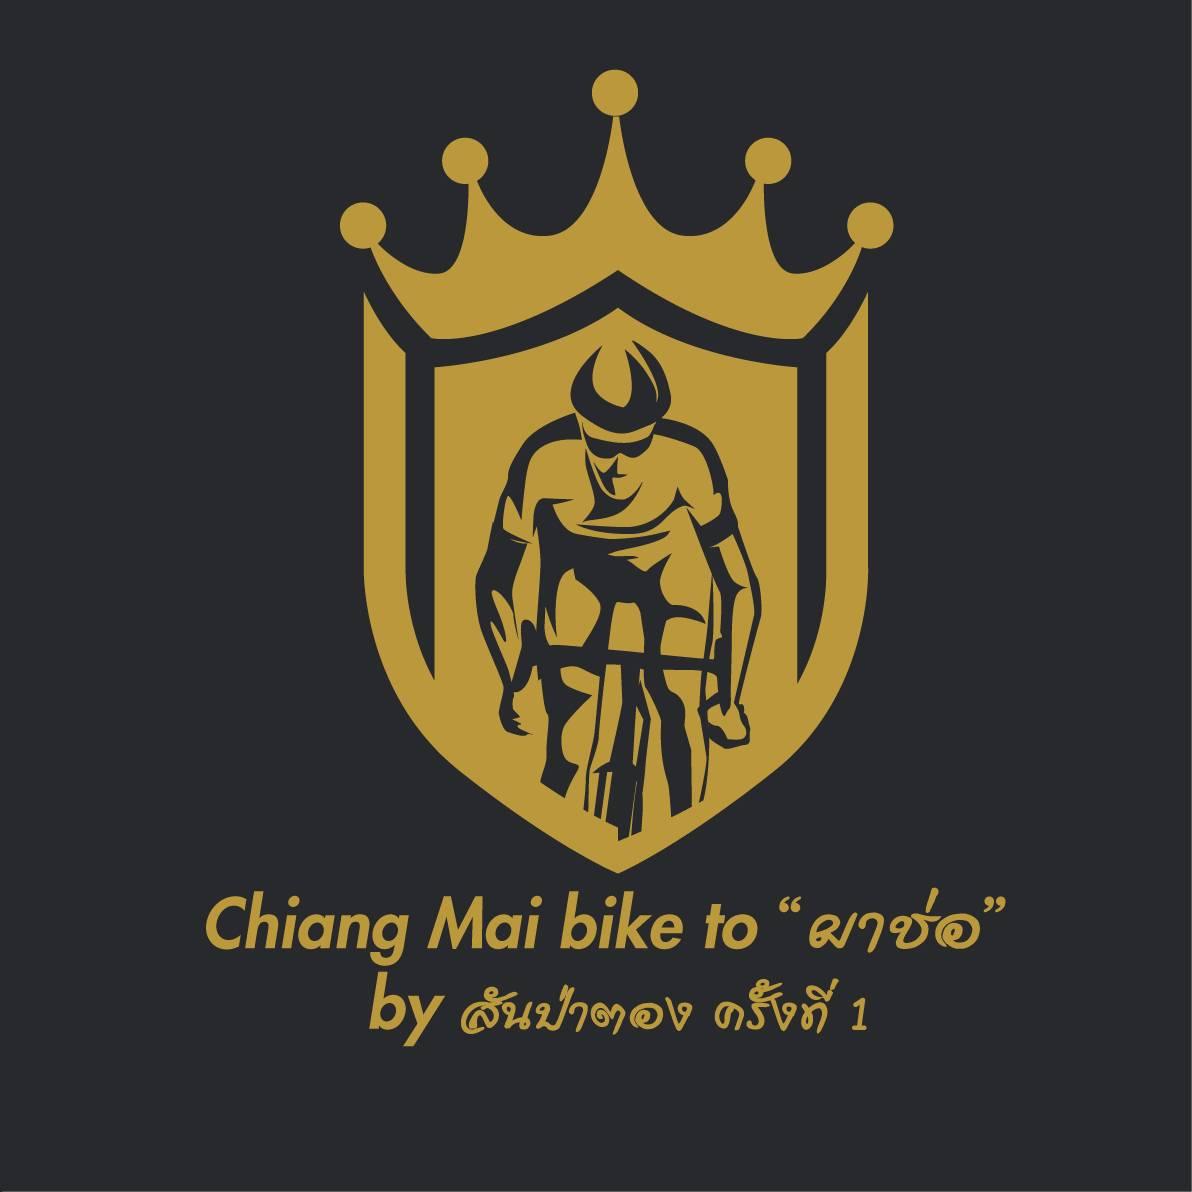 โลโก้ cm bike to ผาช่อ by สันป่าตอง.jpg